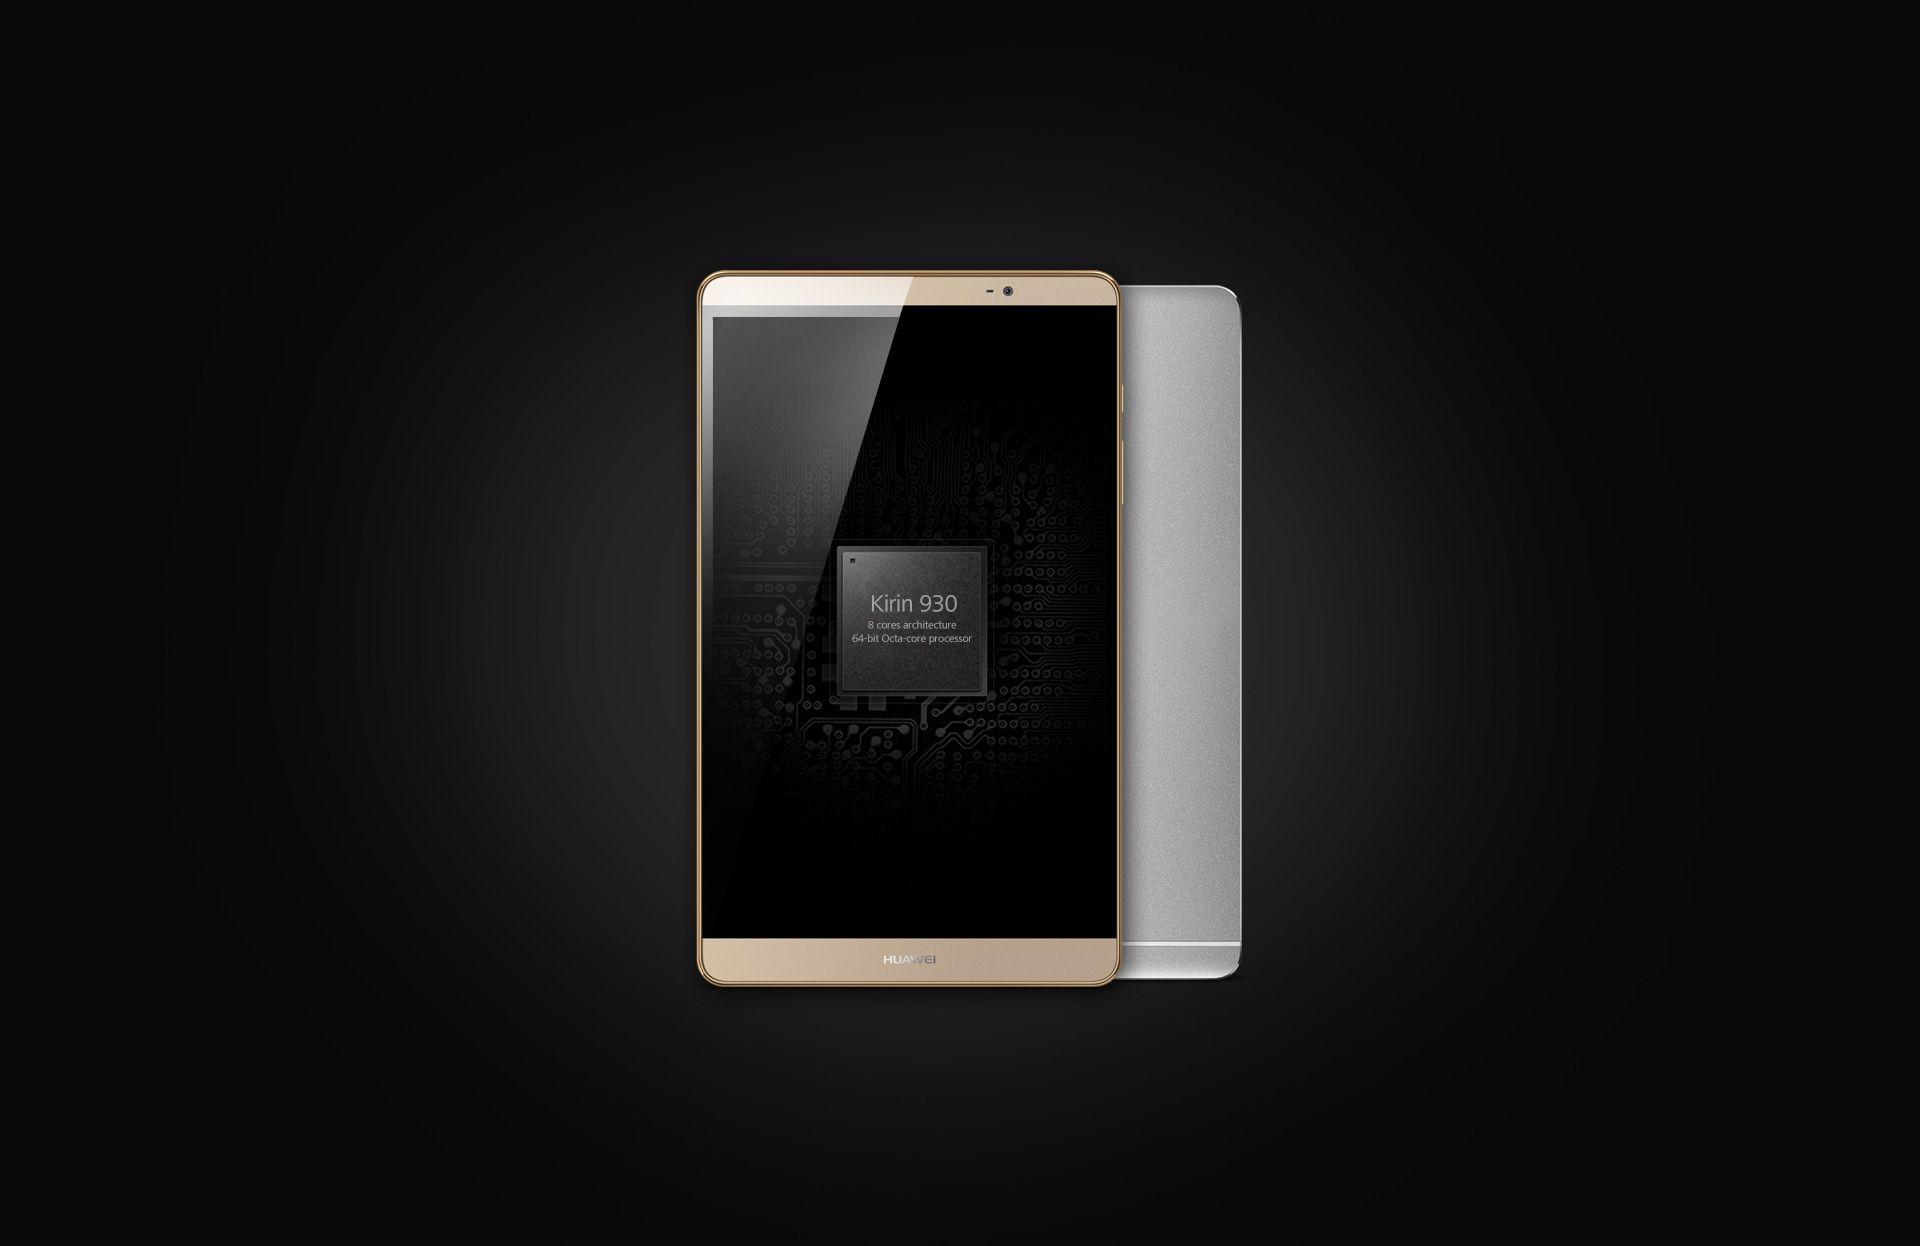 Huawei MediaPad M2 com um processador octa-core Kirin 930 de 64 bits